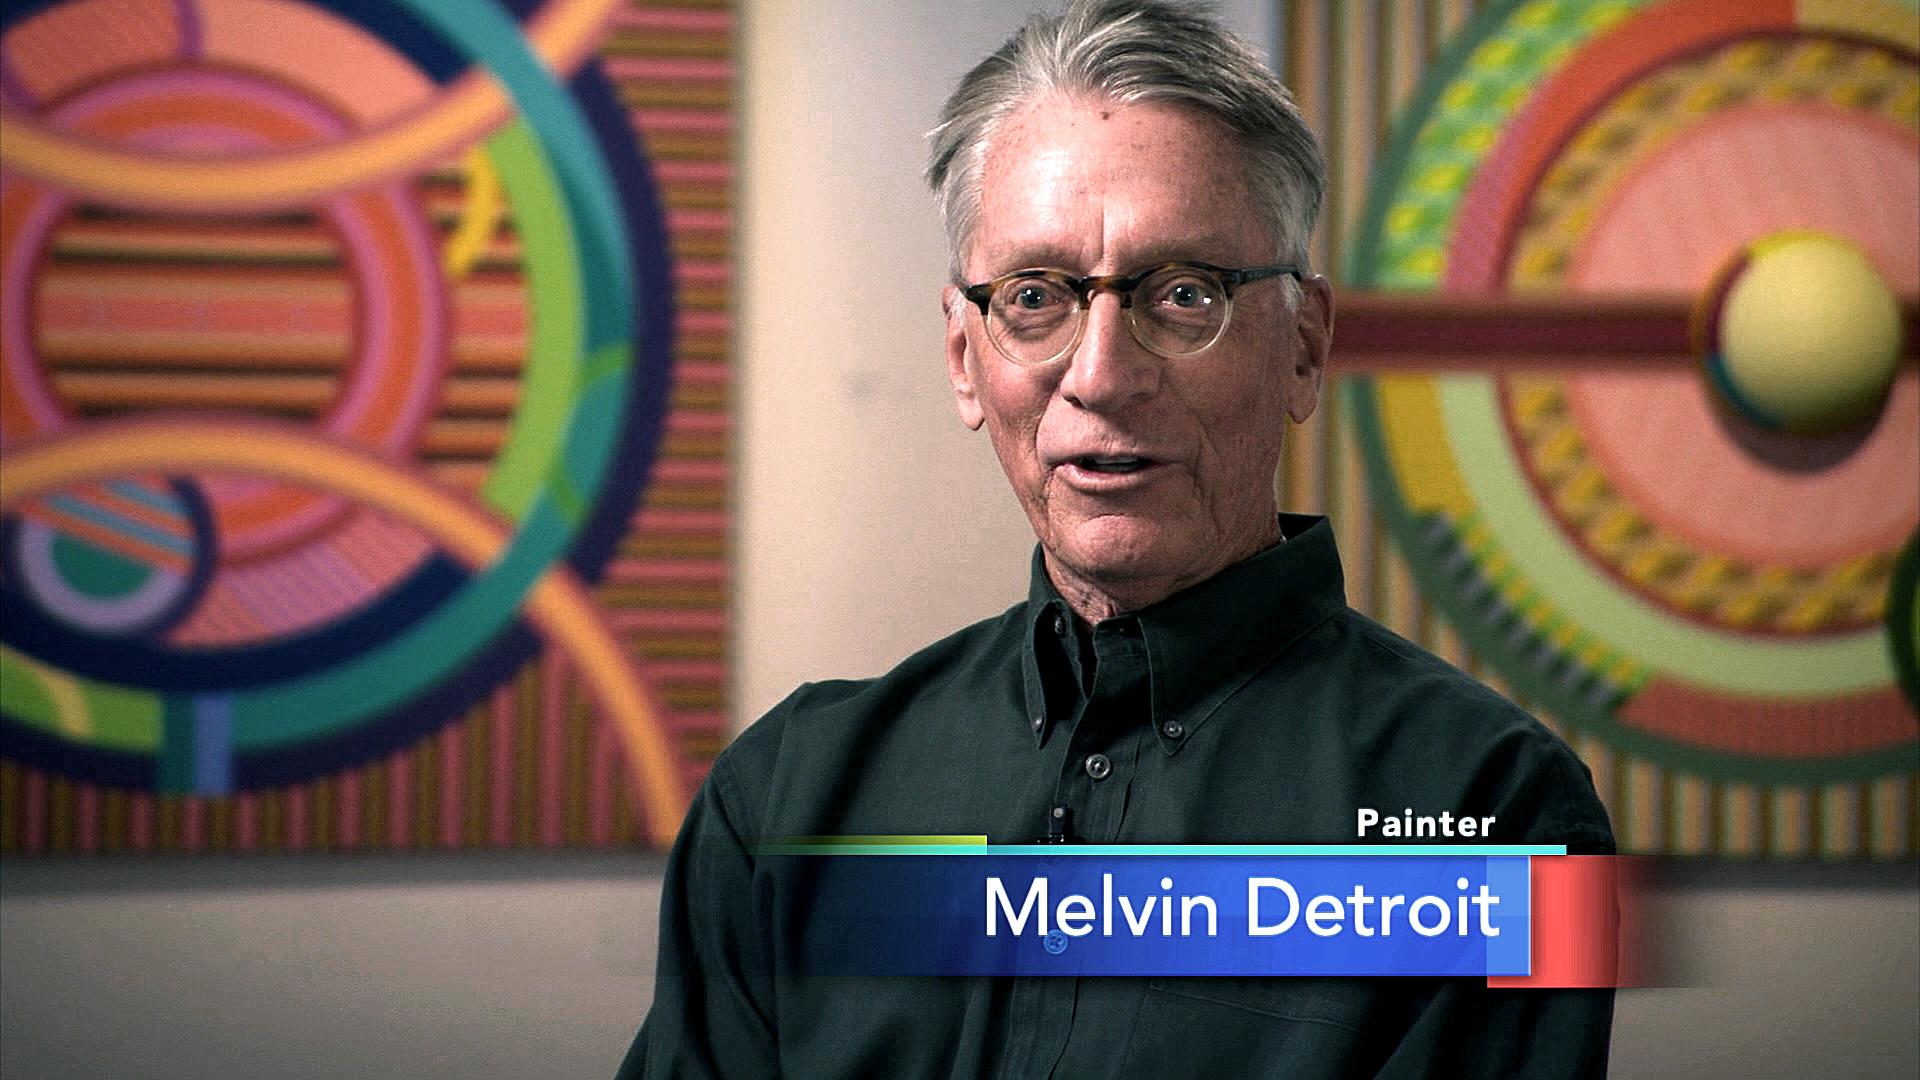 Melvin Detroit